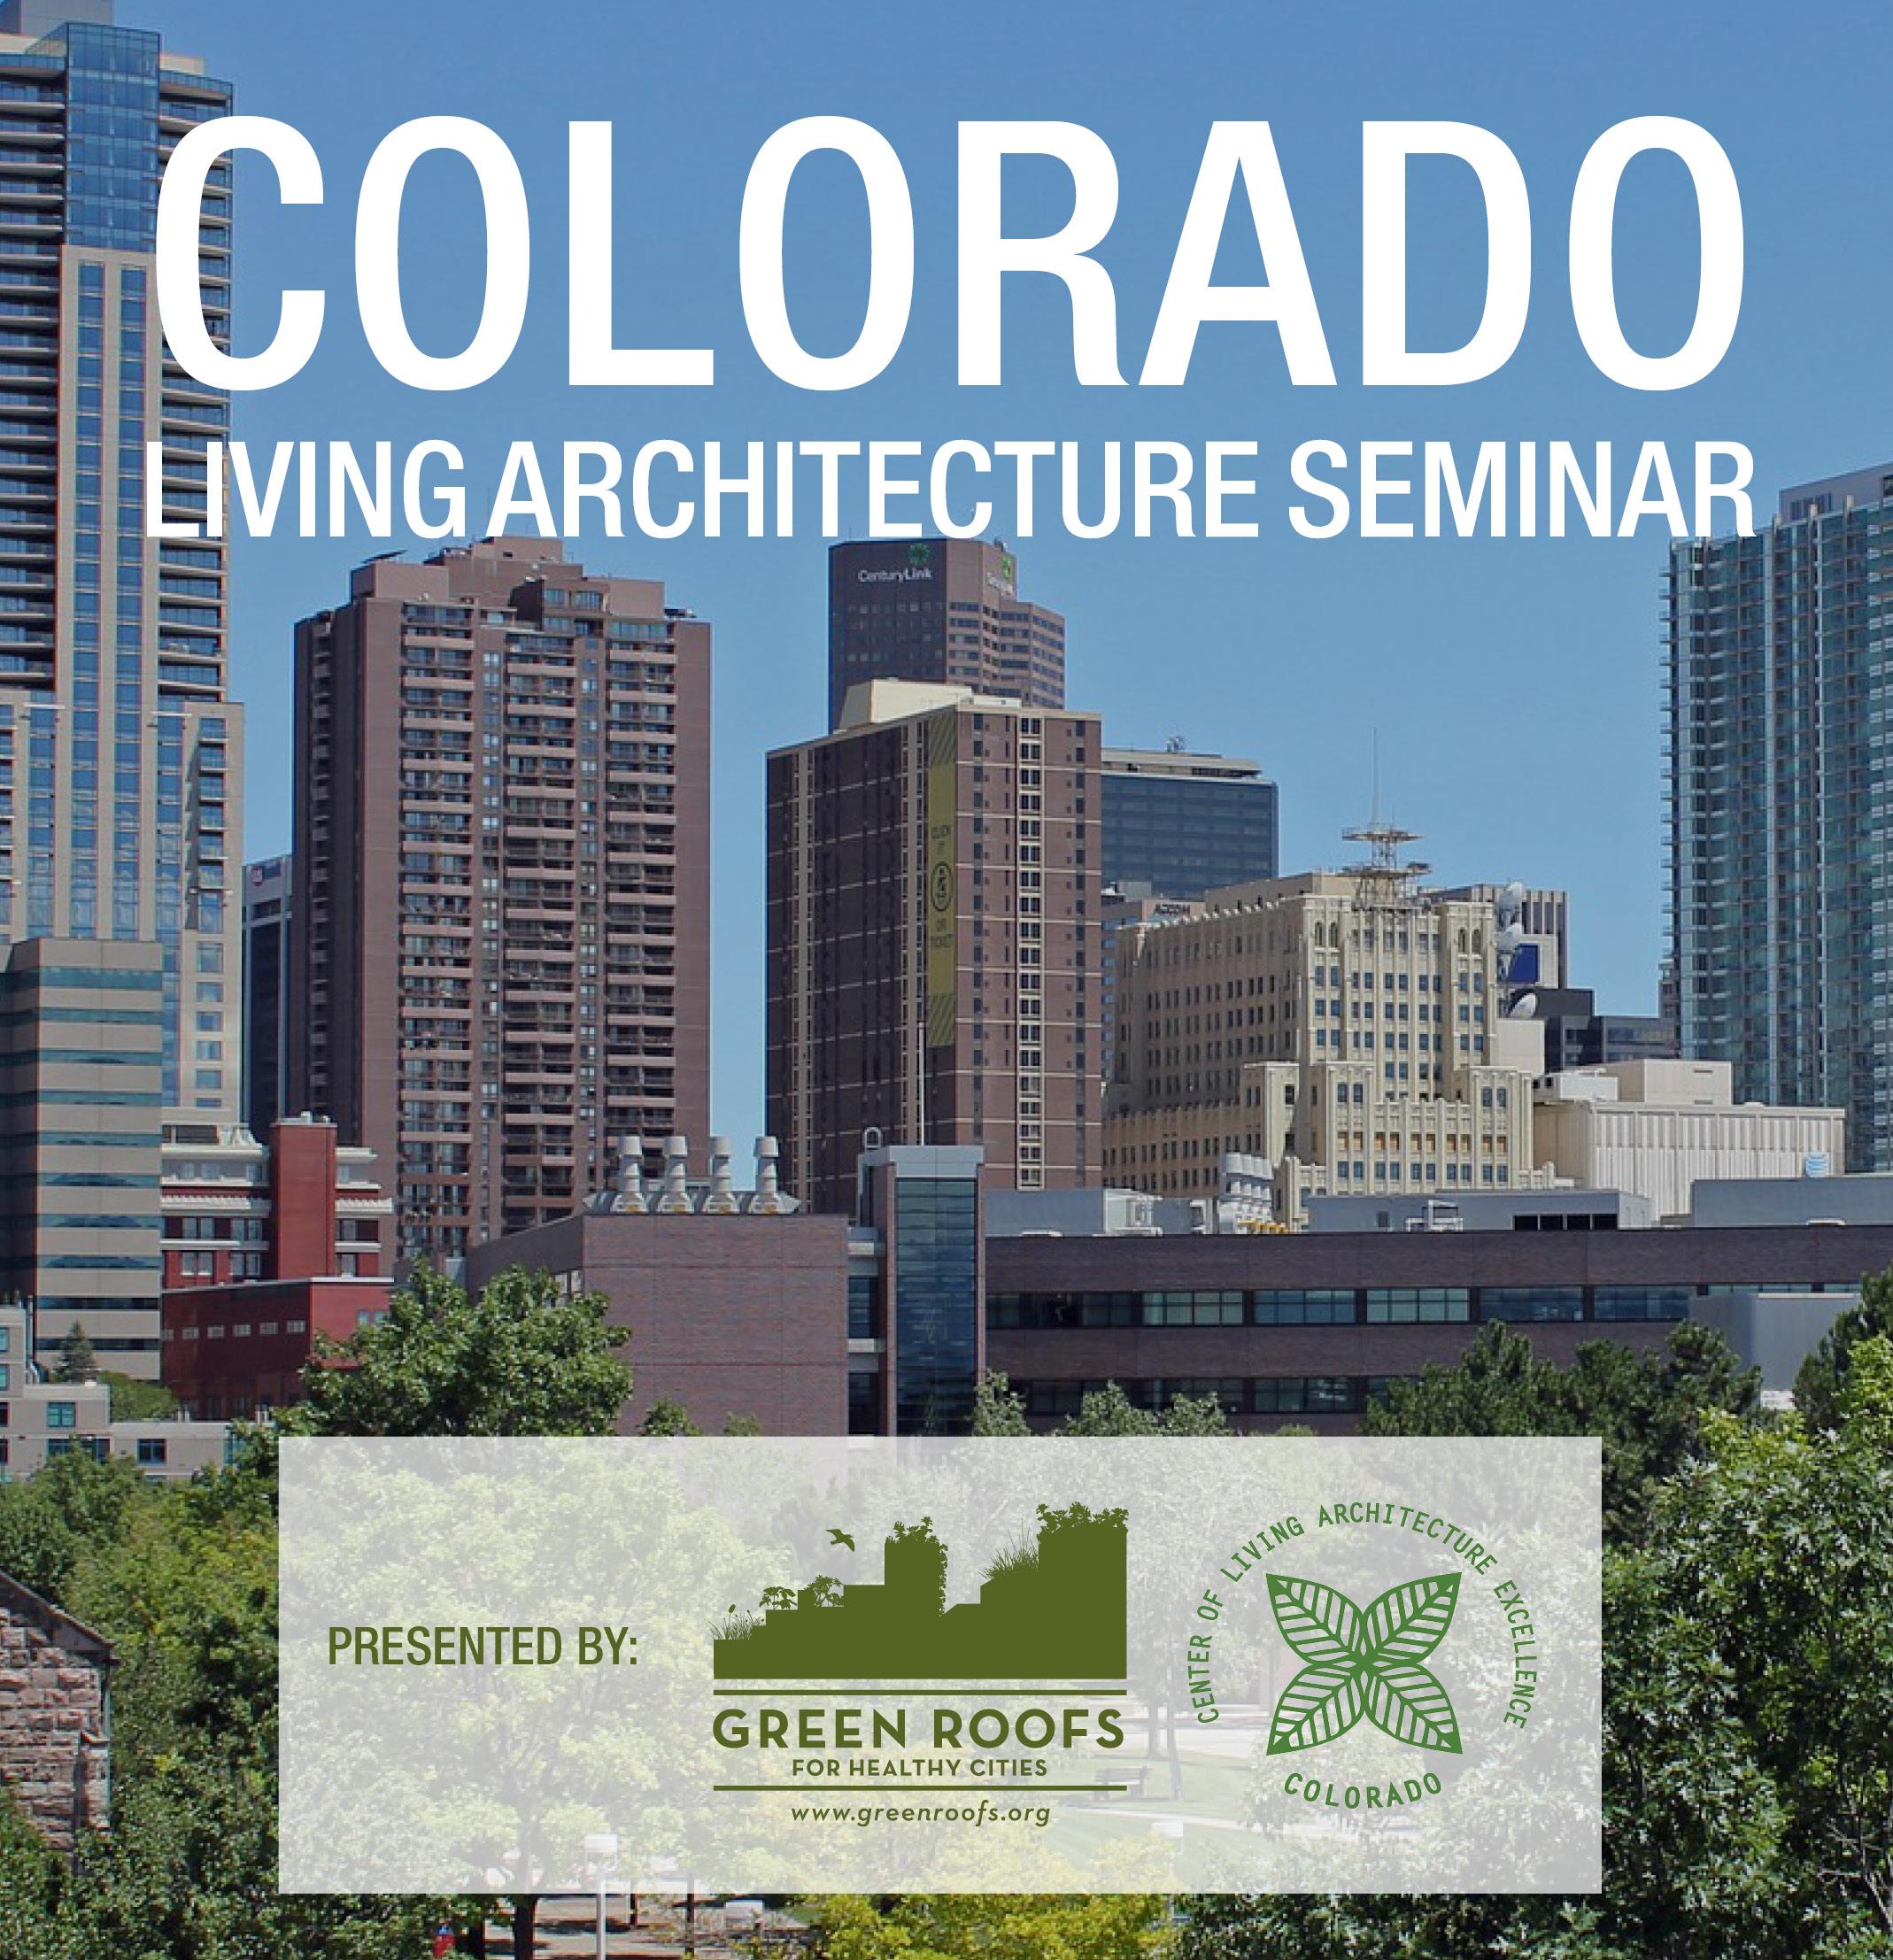 Colorado_LivingArchitecture_Seminar_Header